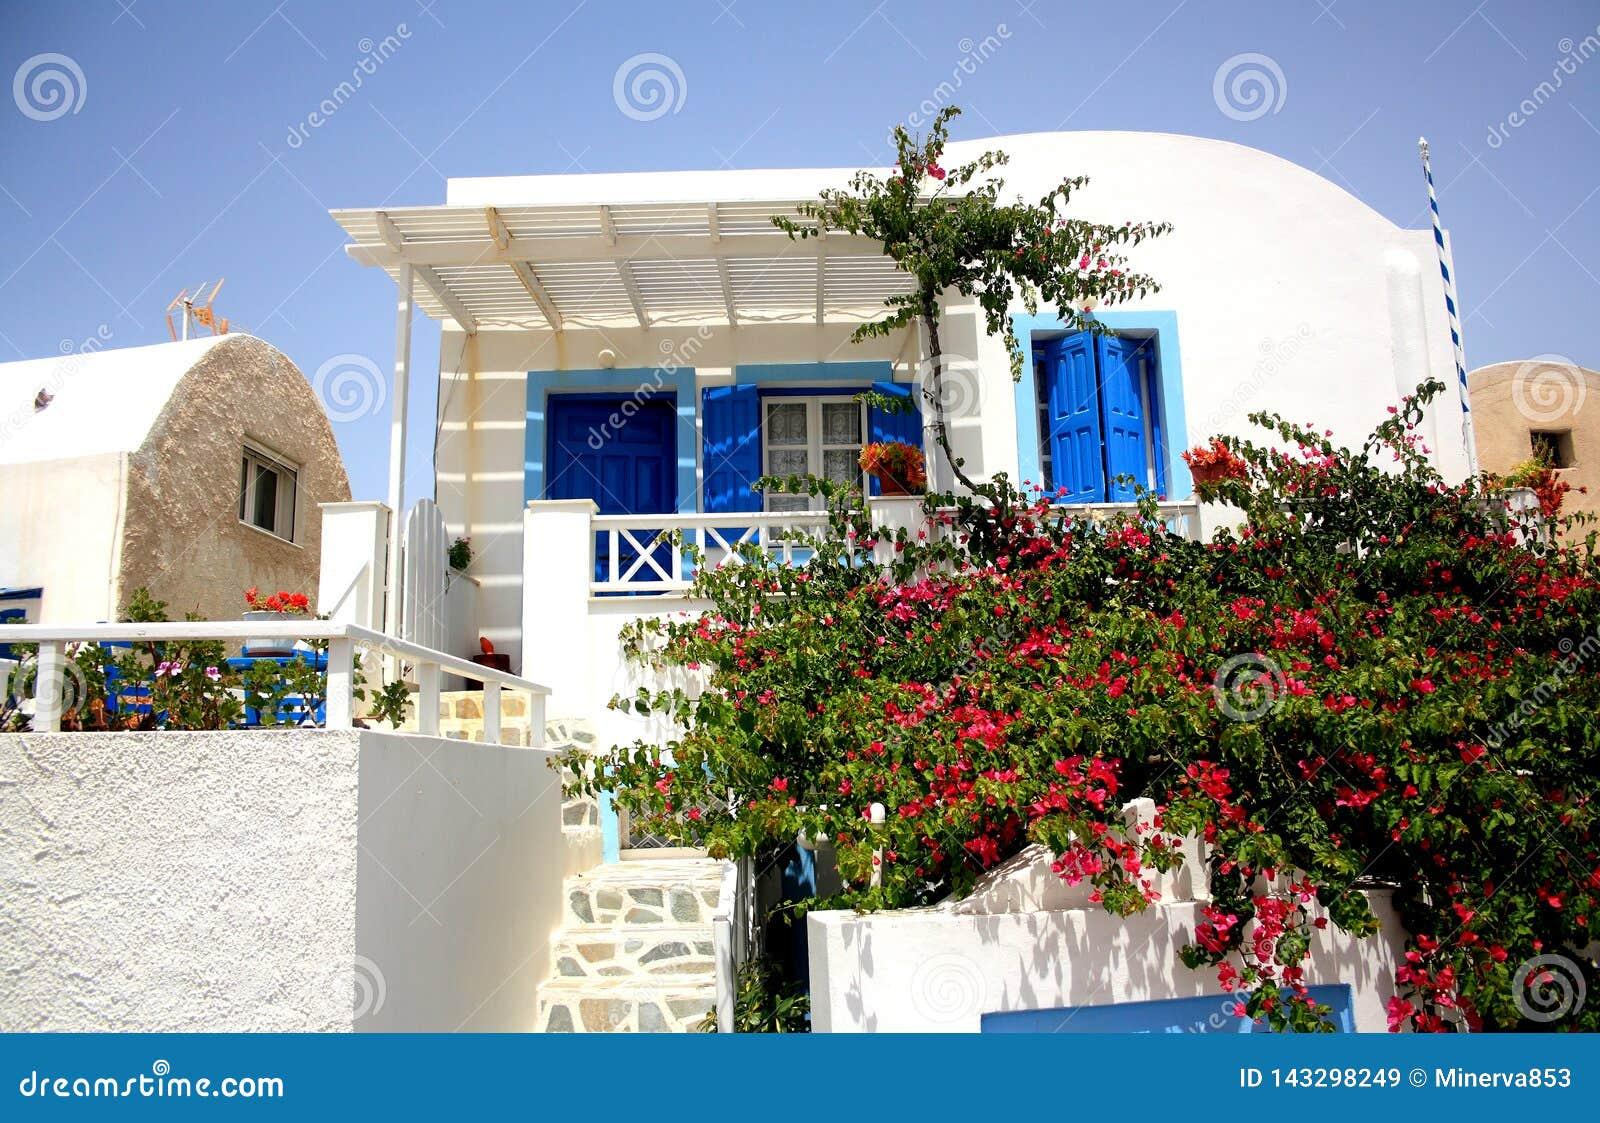 Ein weißes Haus mit blauen gemalten Türen und Fensterrahmen und Busch mit Blumen auf der vorderen Szene in Santorini-Insel